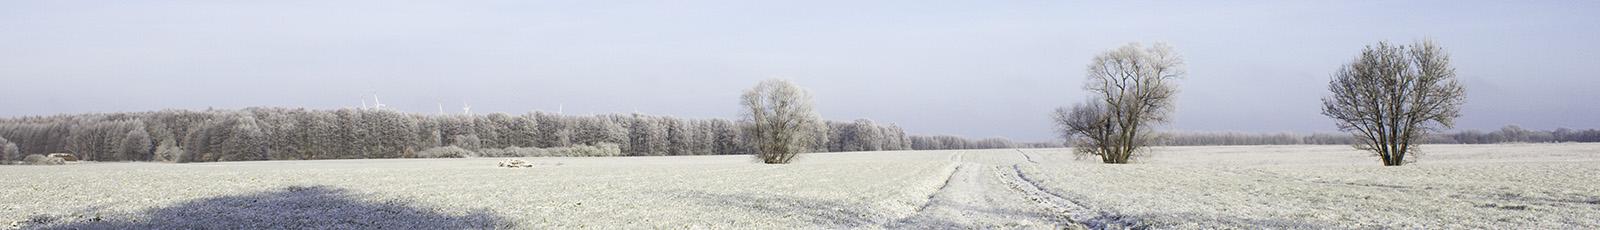 Blog-Bild Frühling 2